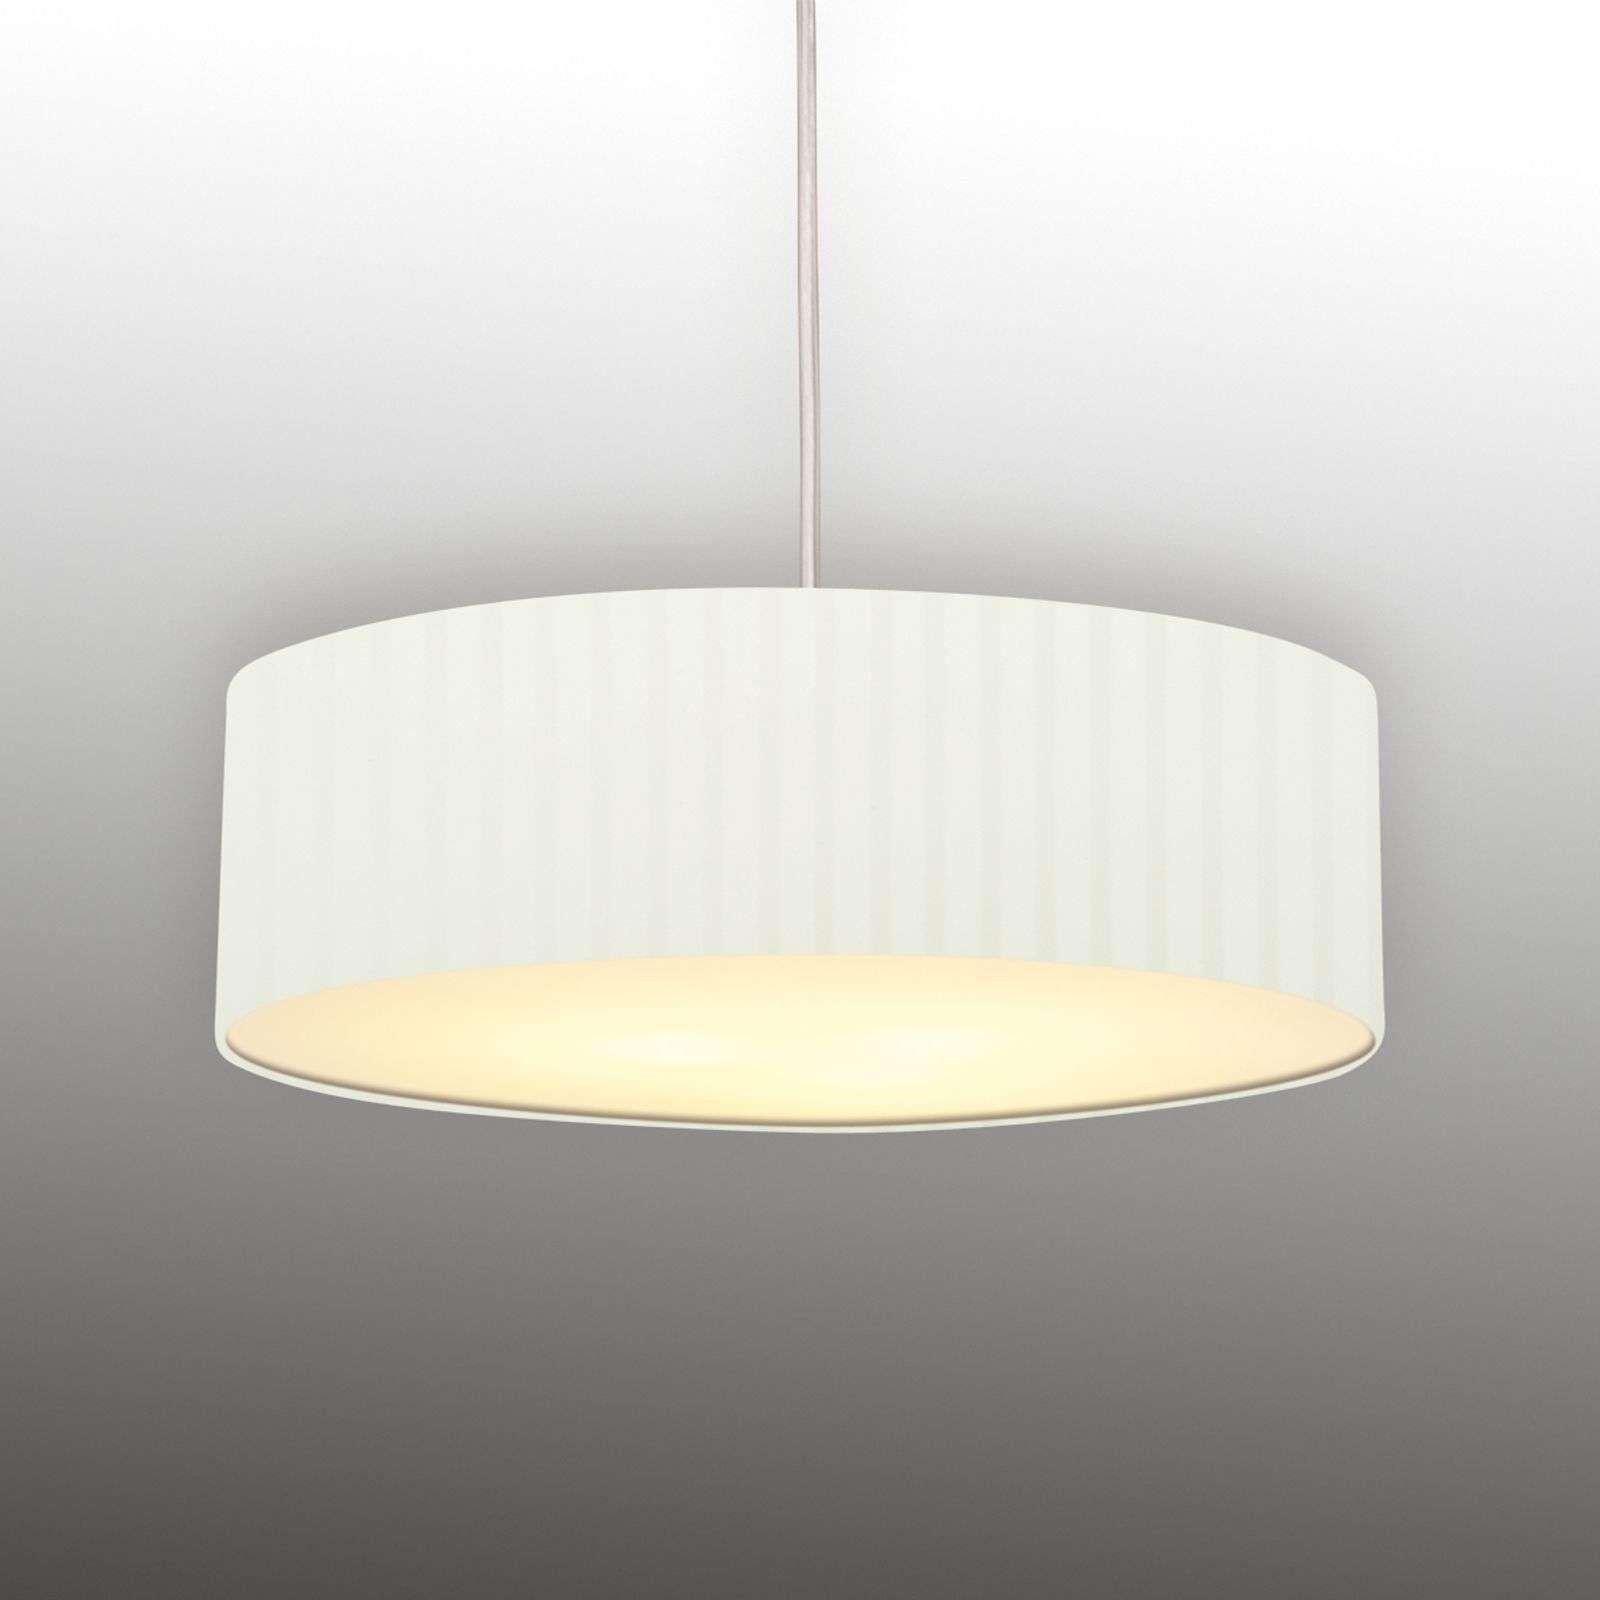 Hangeleuchte Benito 45 Cm Pendelleuchte Hangeleuchte Lampe